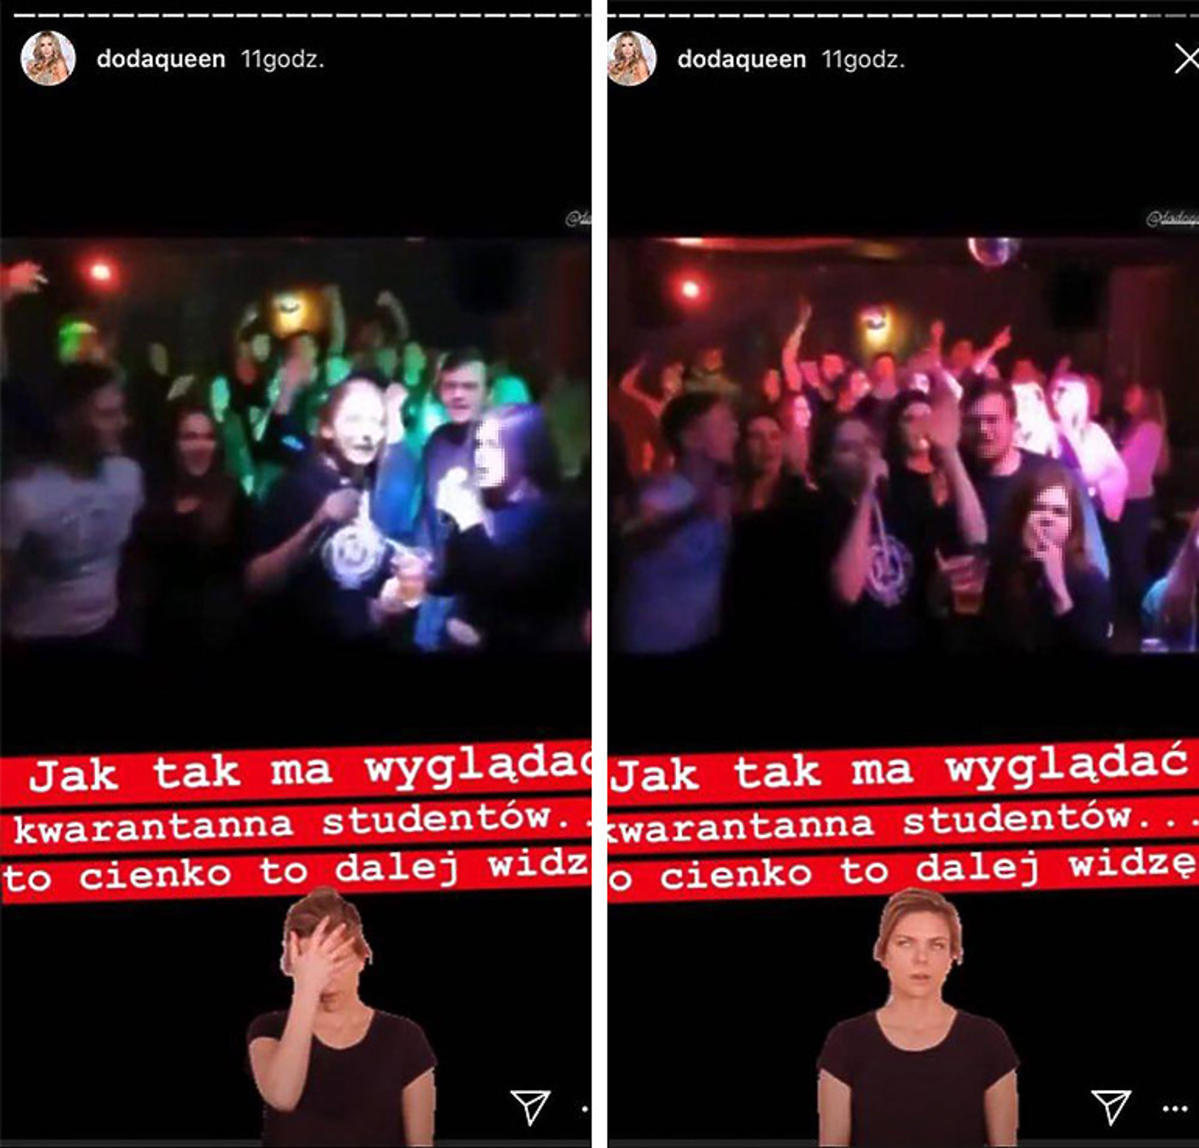 Koronawirus w Polsce. Skandaliczne zachowanie studentów.